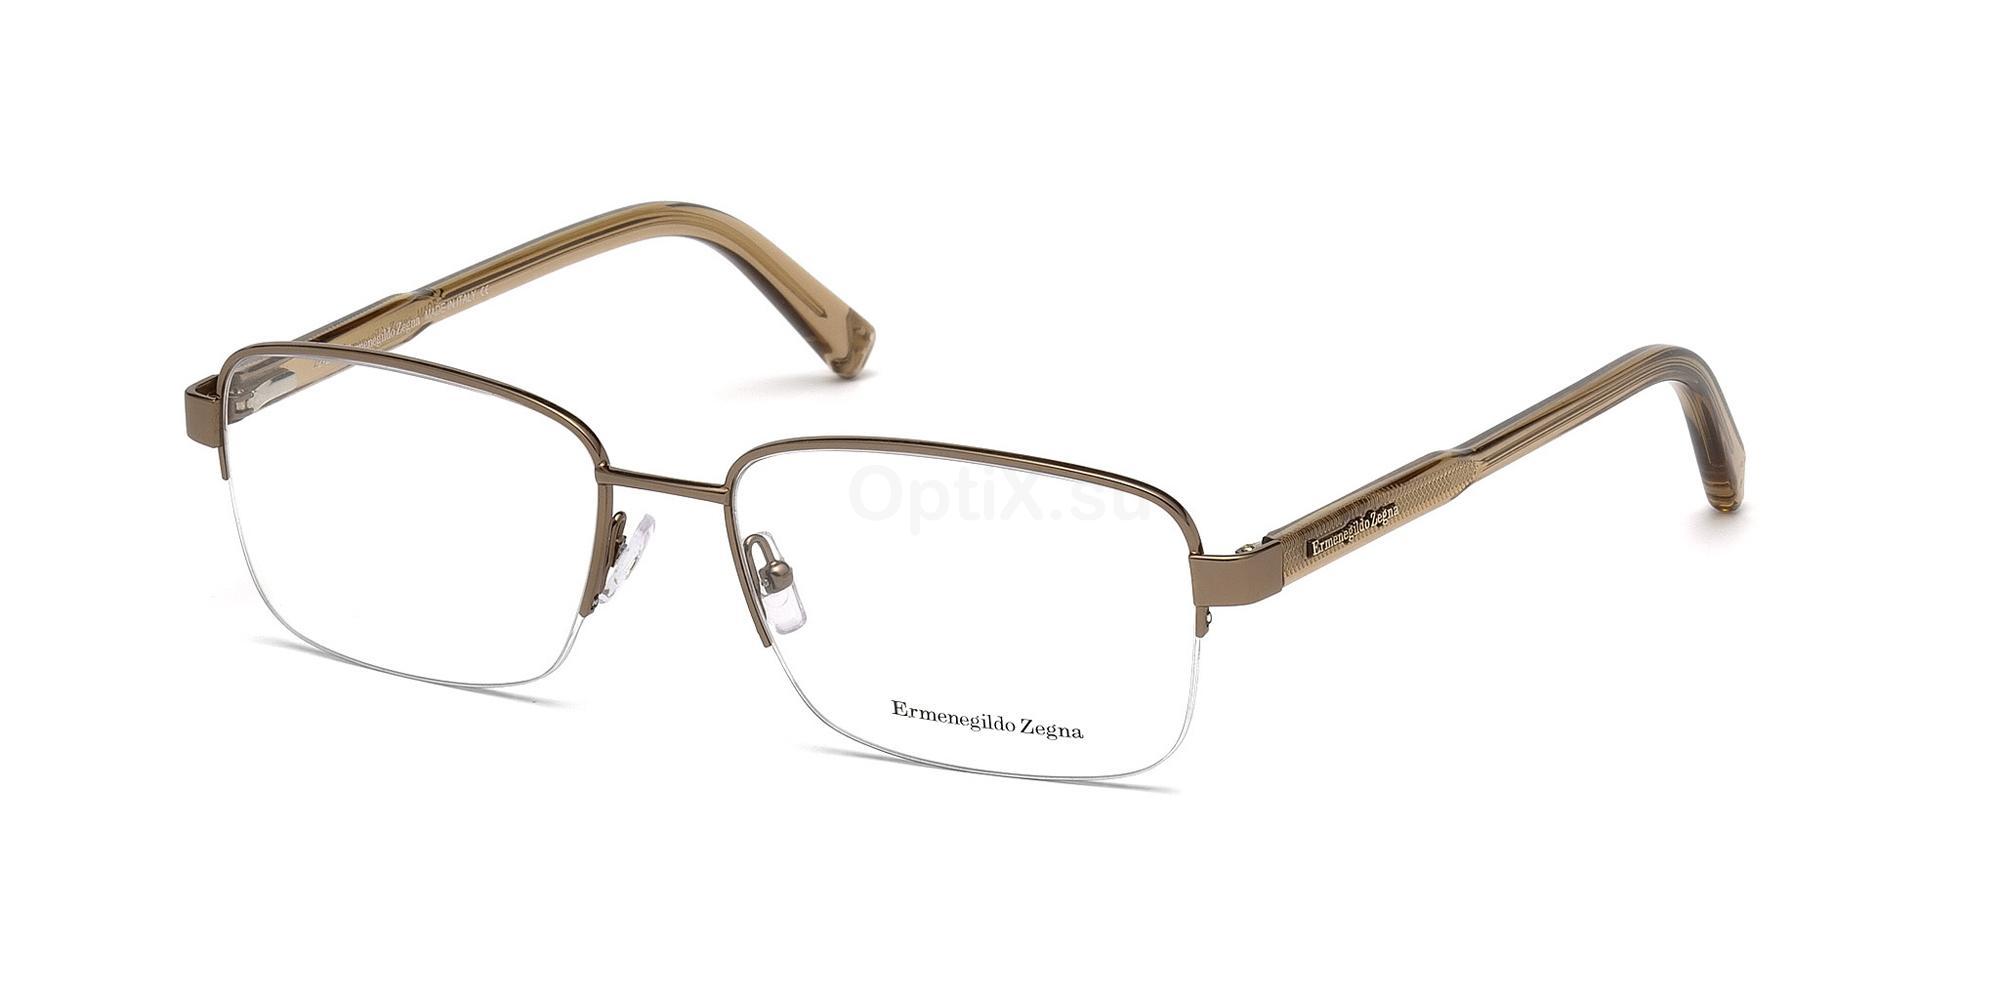 034 EZ5006 Glasses, Ermenegildo Zegna